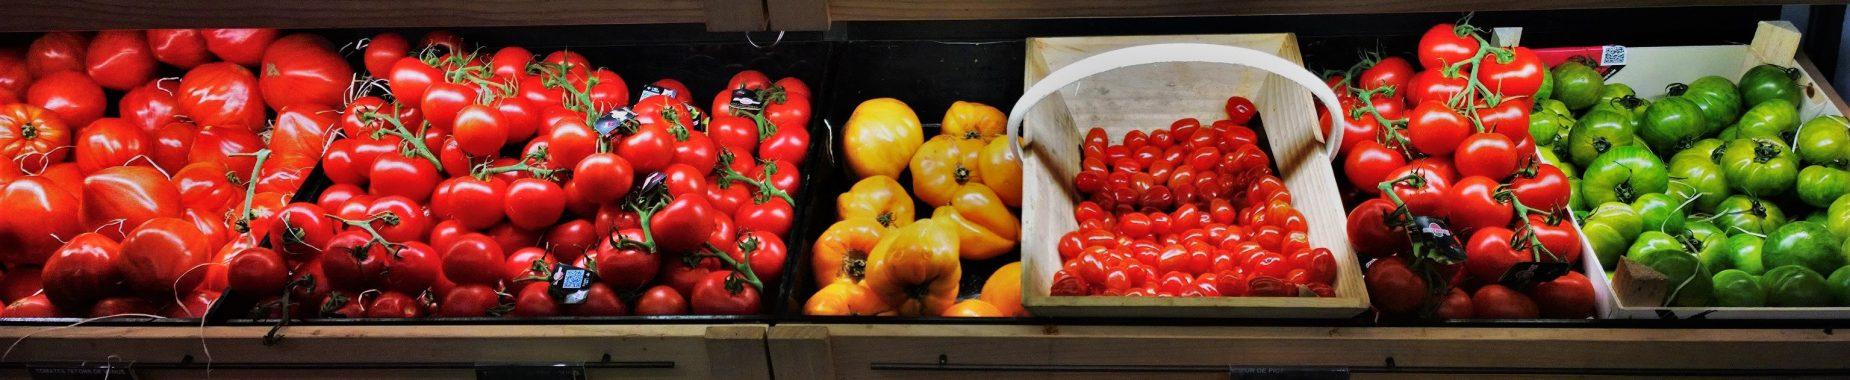 Tomater der illustrerer markedsanalyse af danske grøntsager